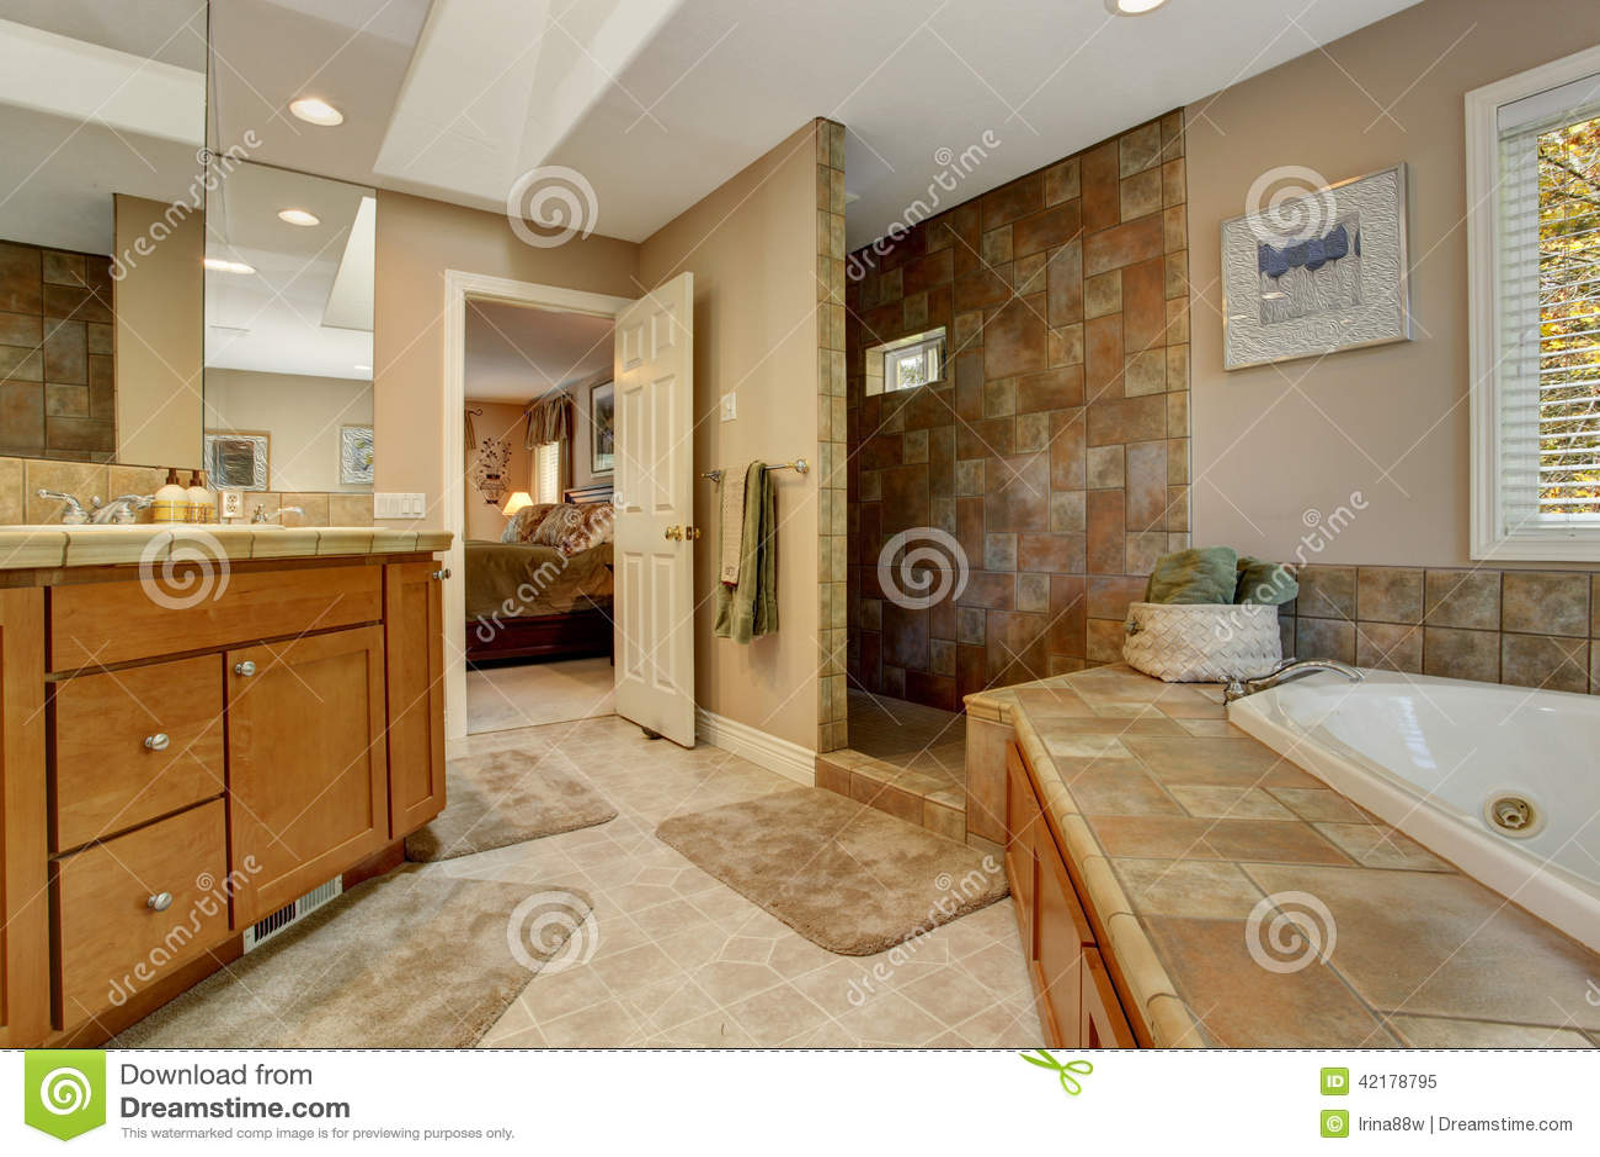 Banheiro Espaçoso Com Banheira De Canto E Abre O Chuveiro Foto de  #3C230C 1300x957 Banheiro Com Banheira E Chuveiro